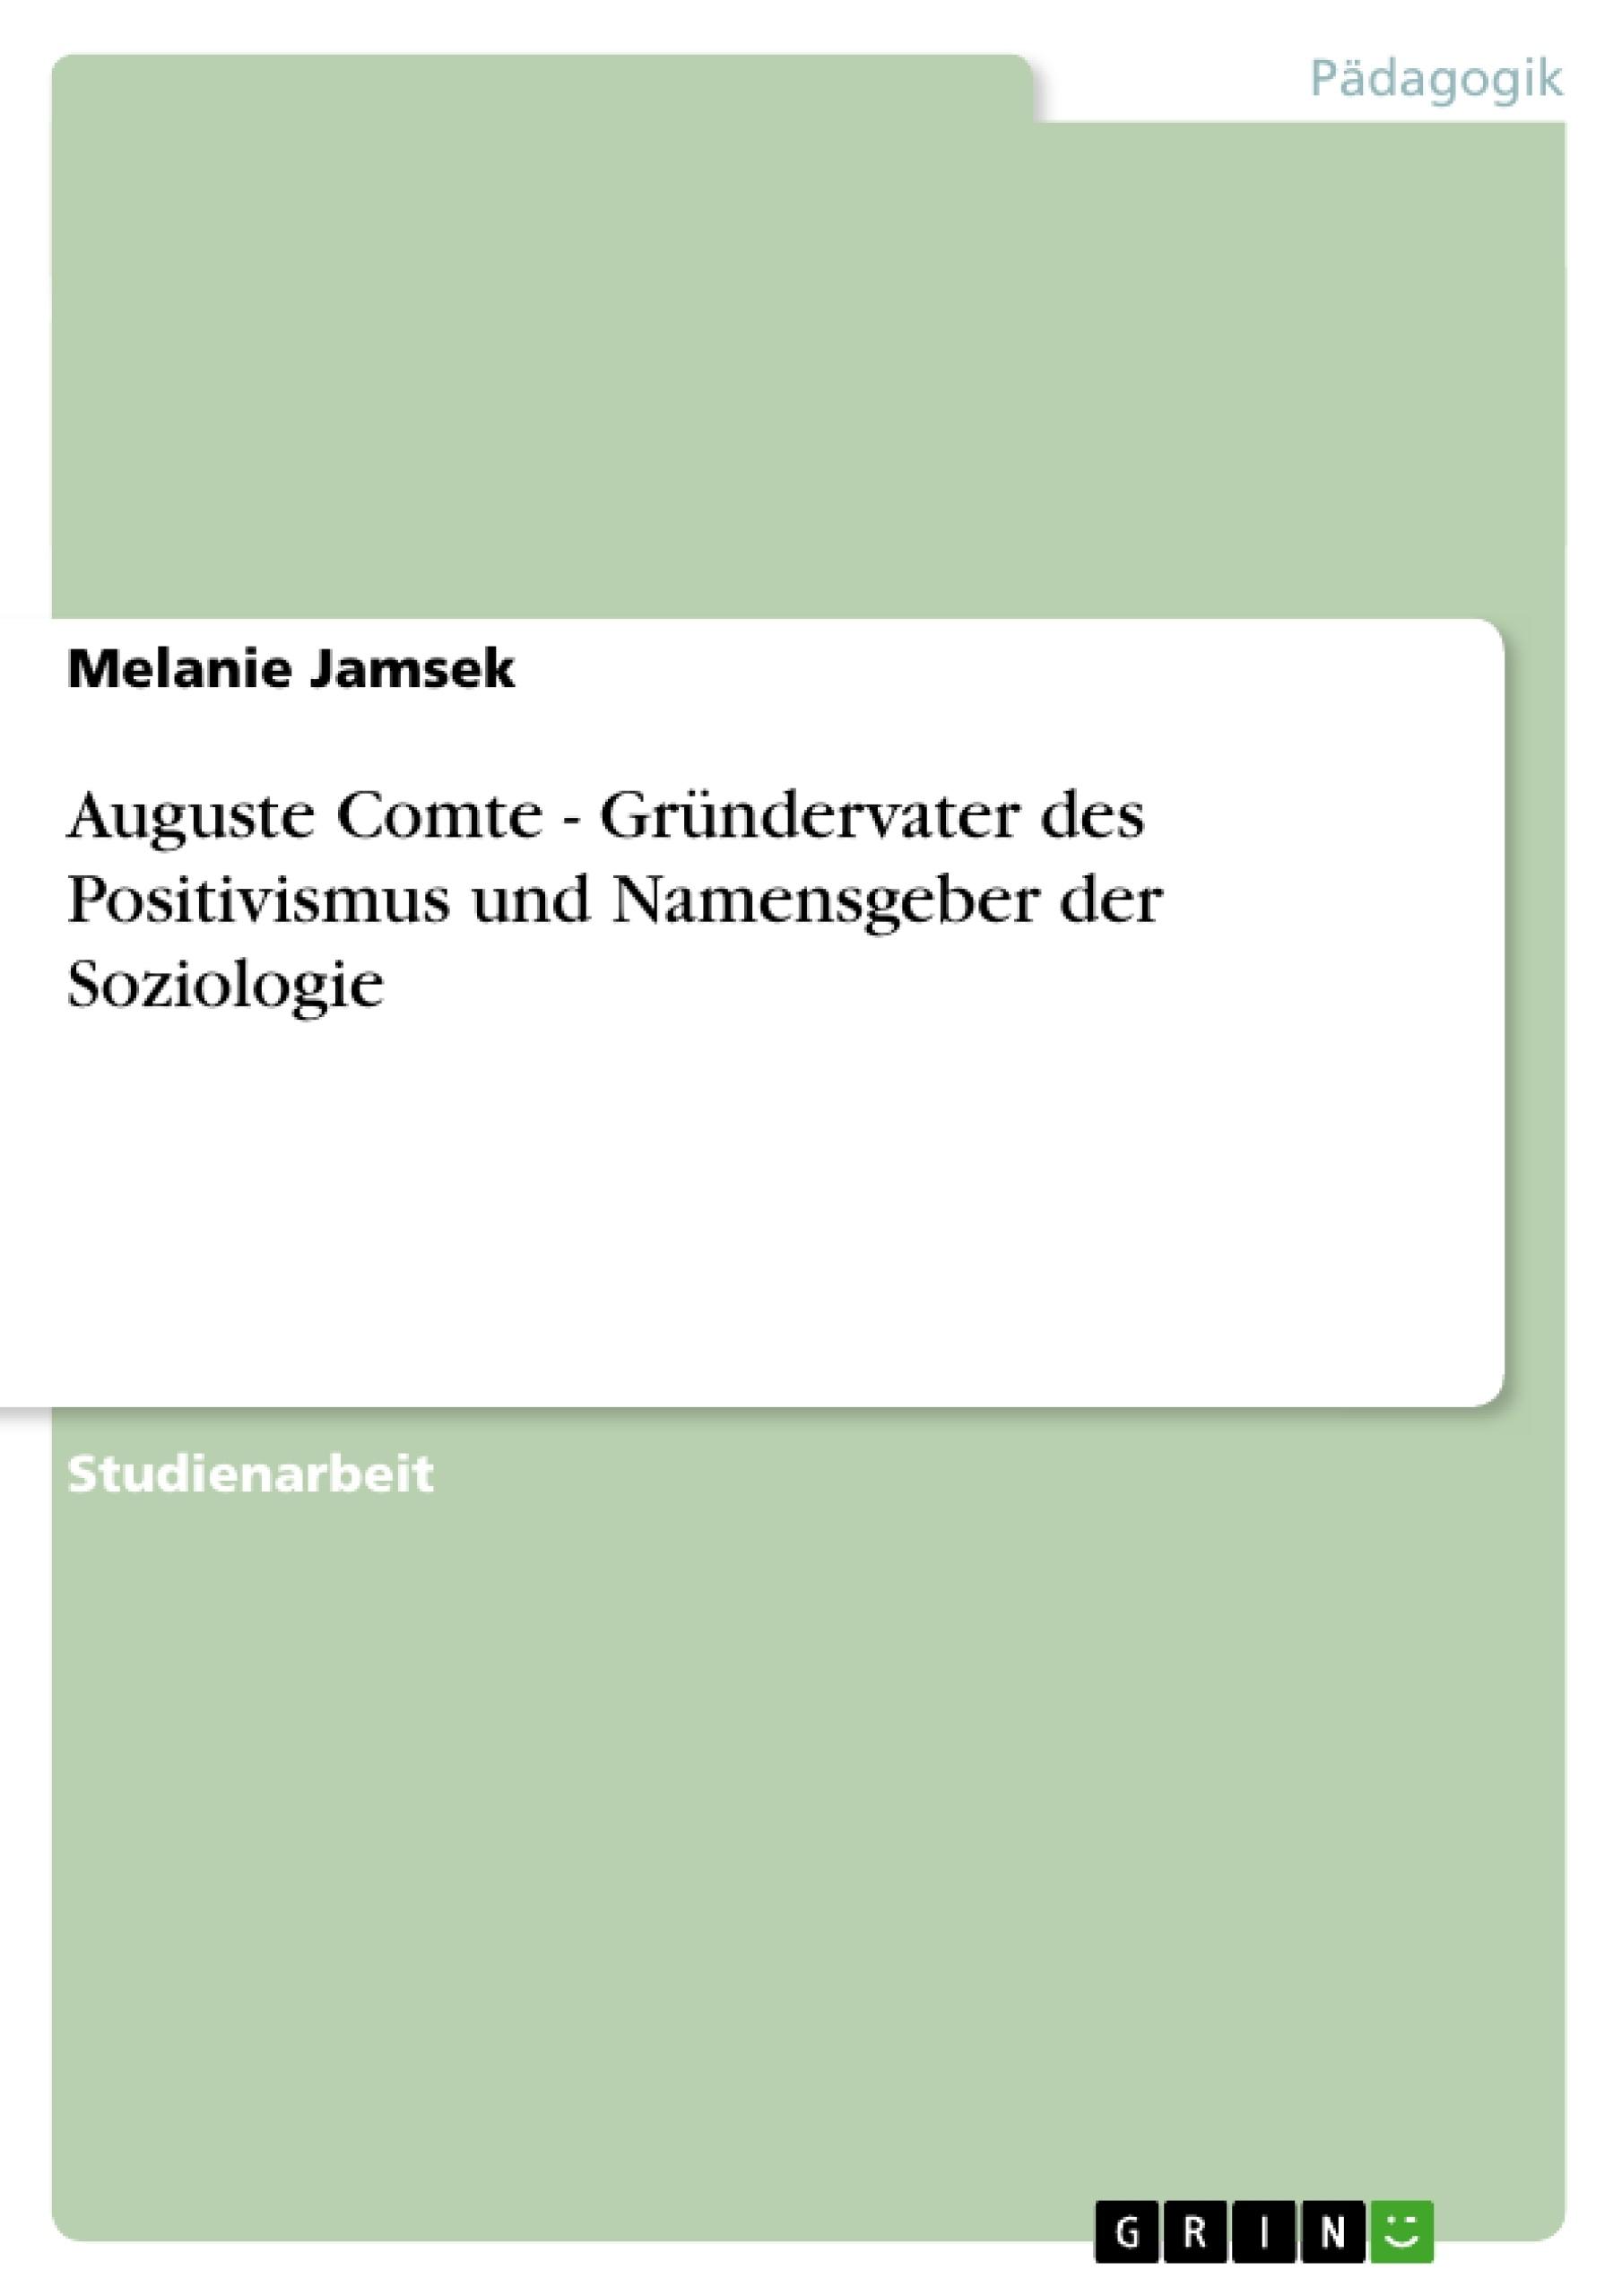 Titel: Auguste Comte - Gründervater des Positivismus und Namensgeber der Soziologie